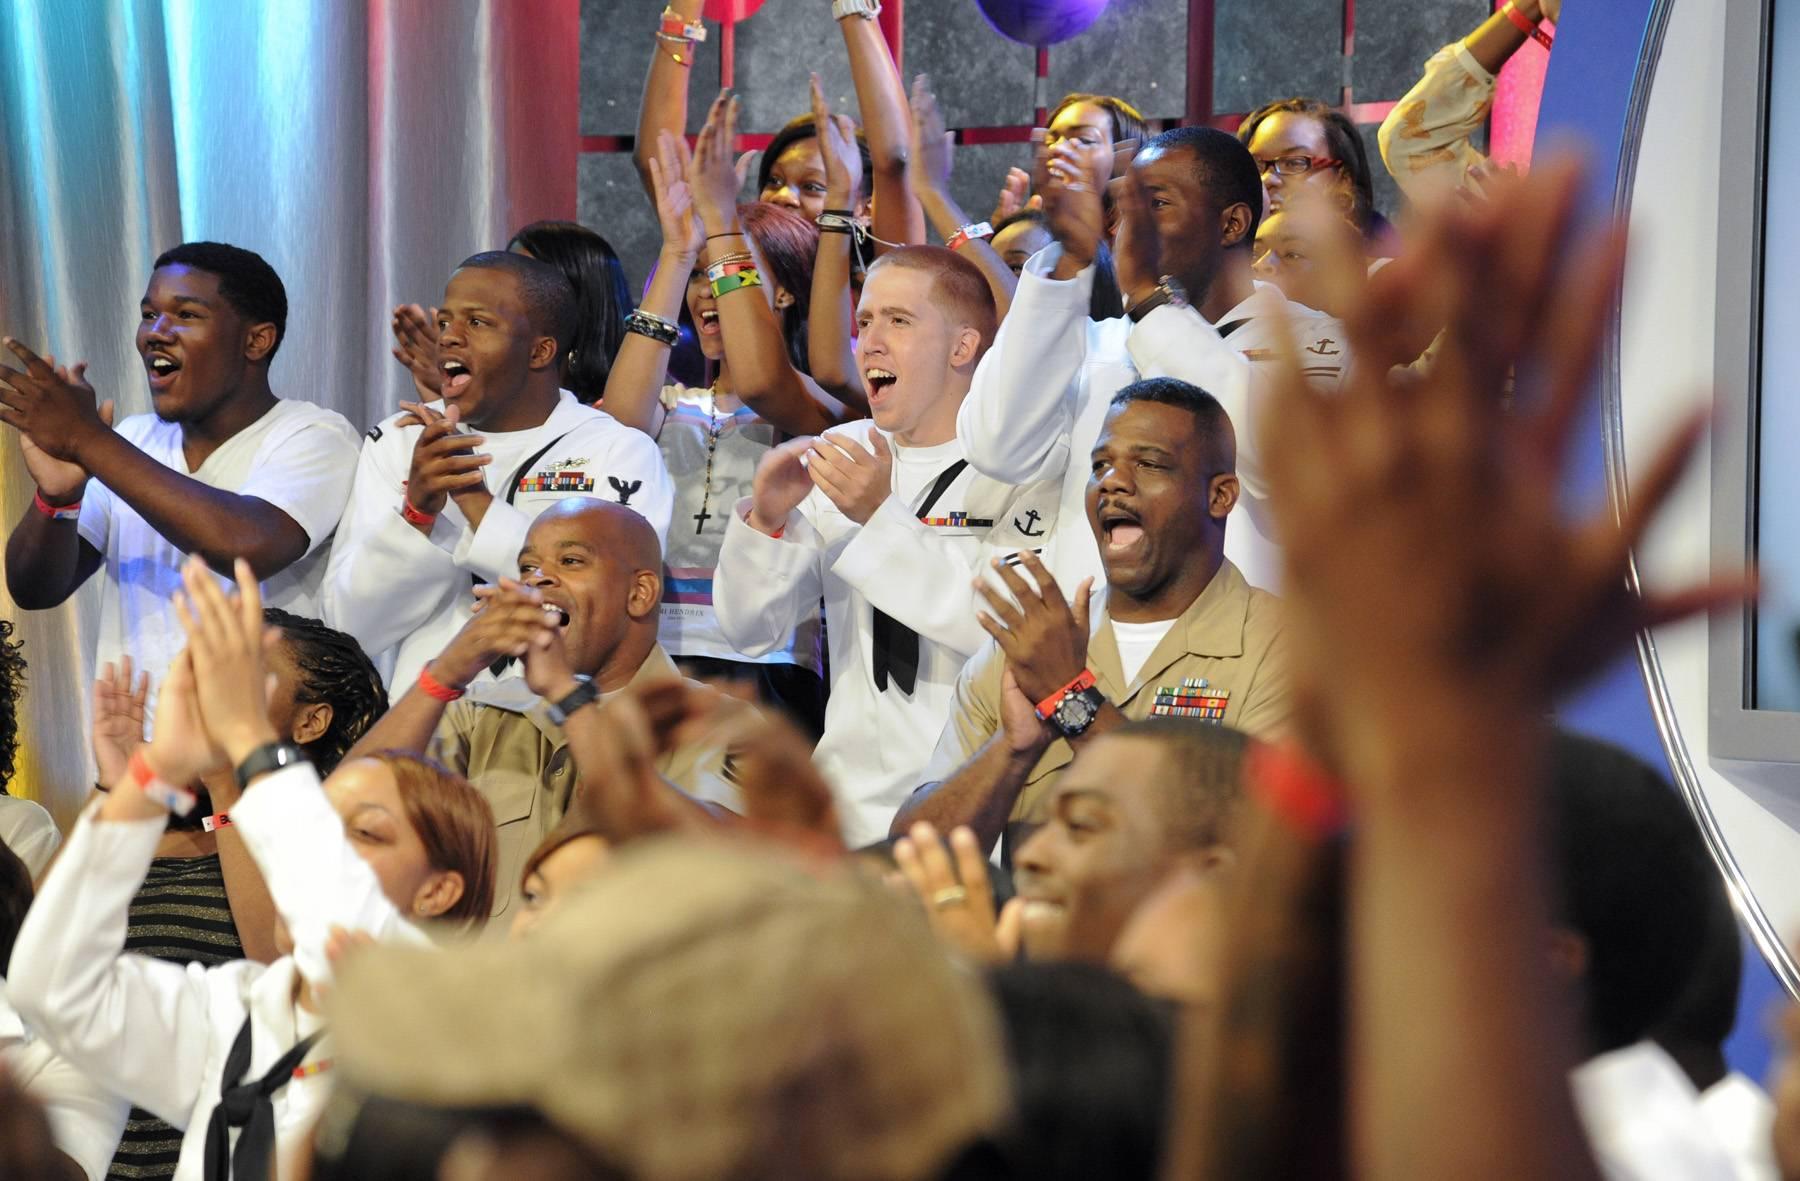 Whoa - Audience members at 106 & Park, May 29, 2012. (Photo: John Ricard / BET)